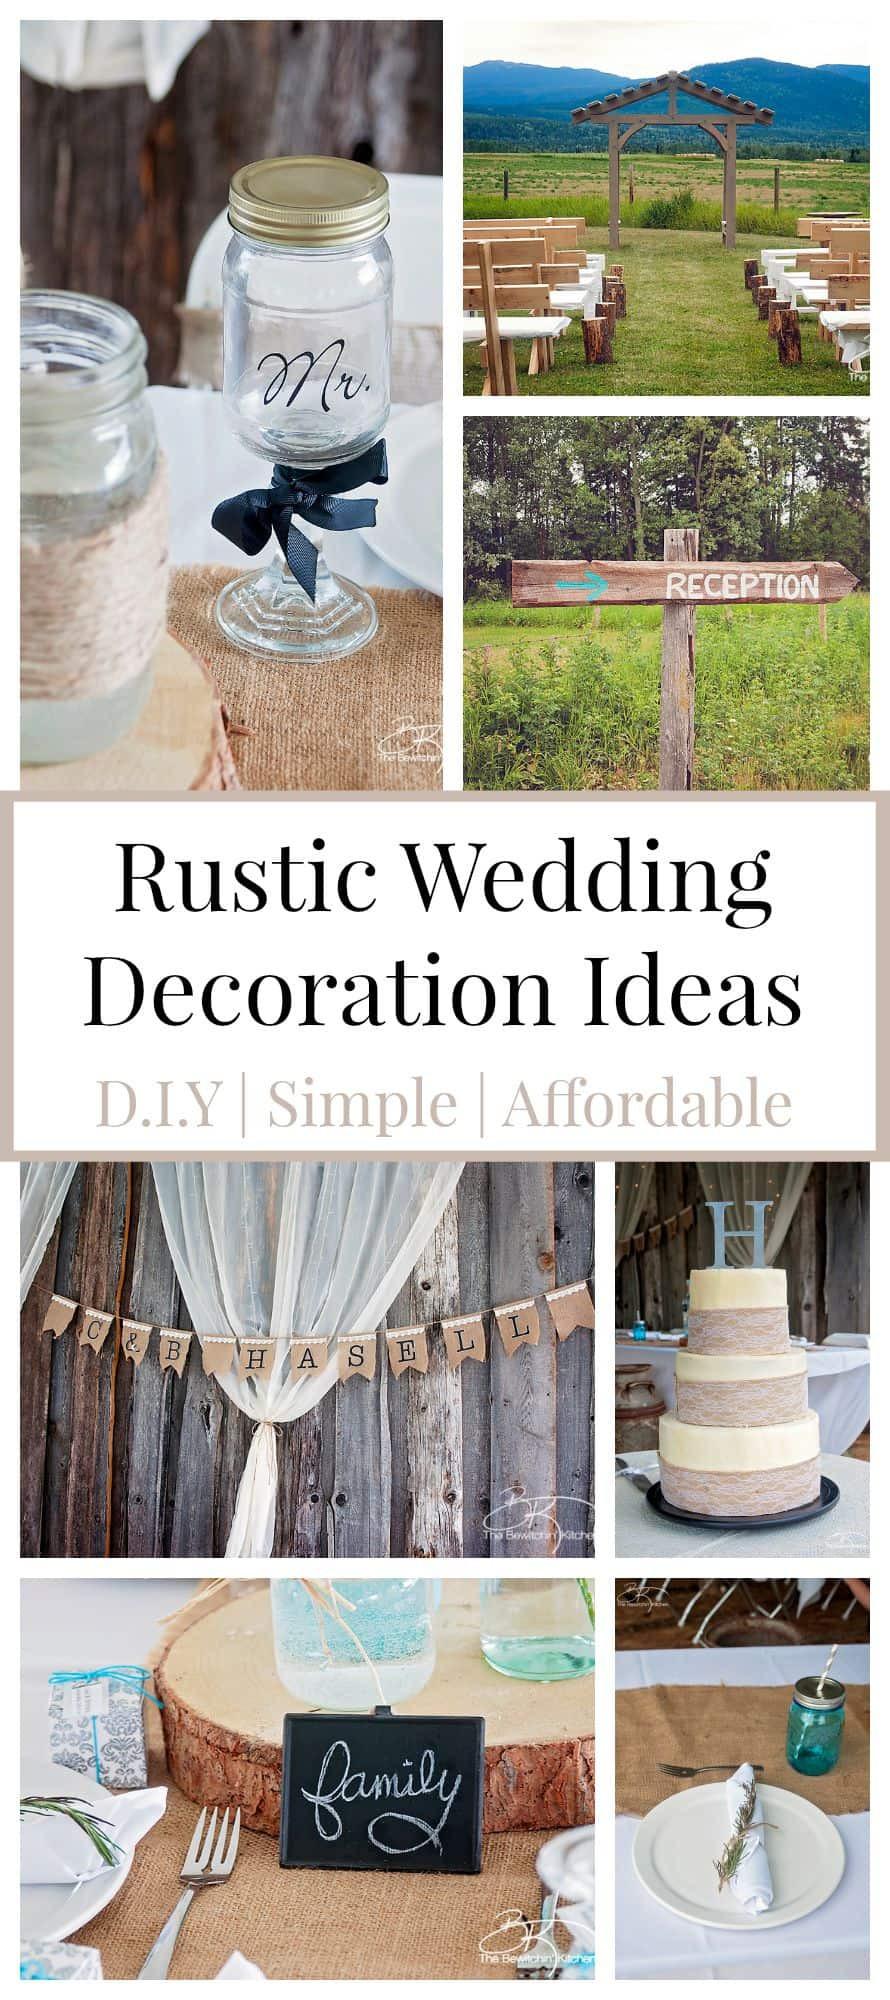 Wedding Decor DIY  Rustic Wedding Ideas That Are DIY & Affordable